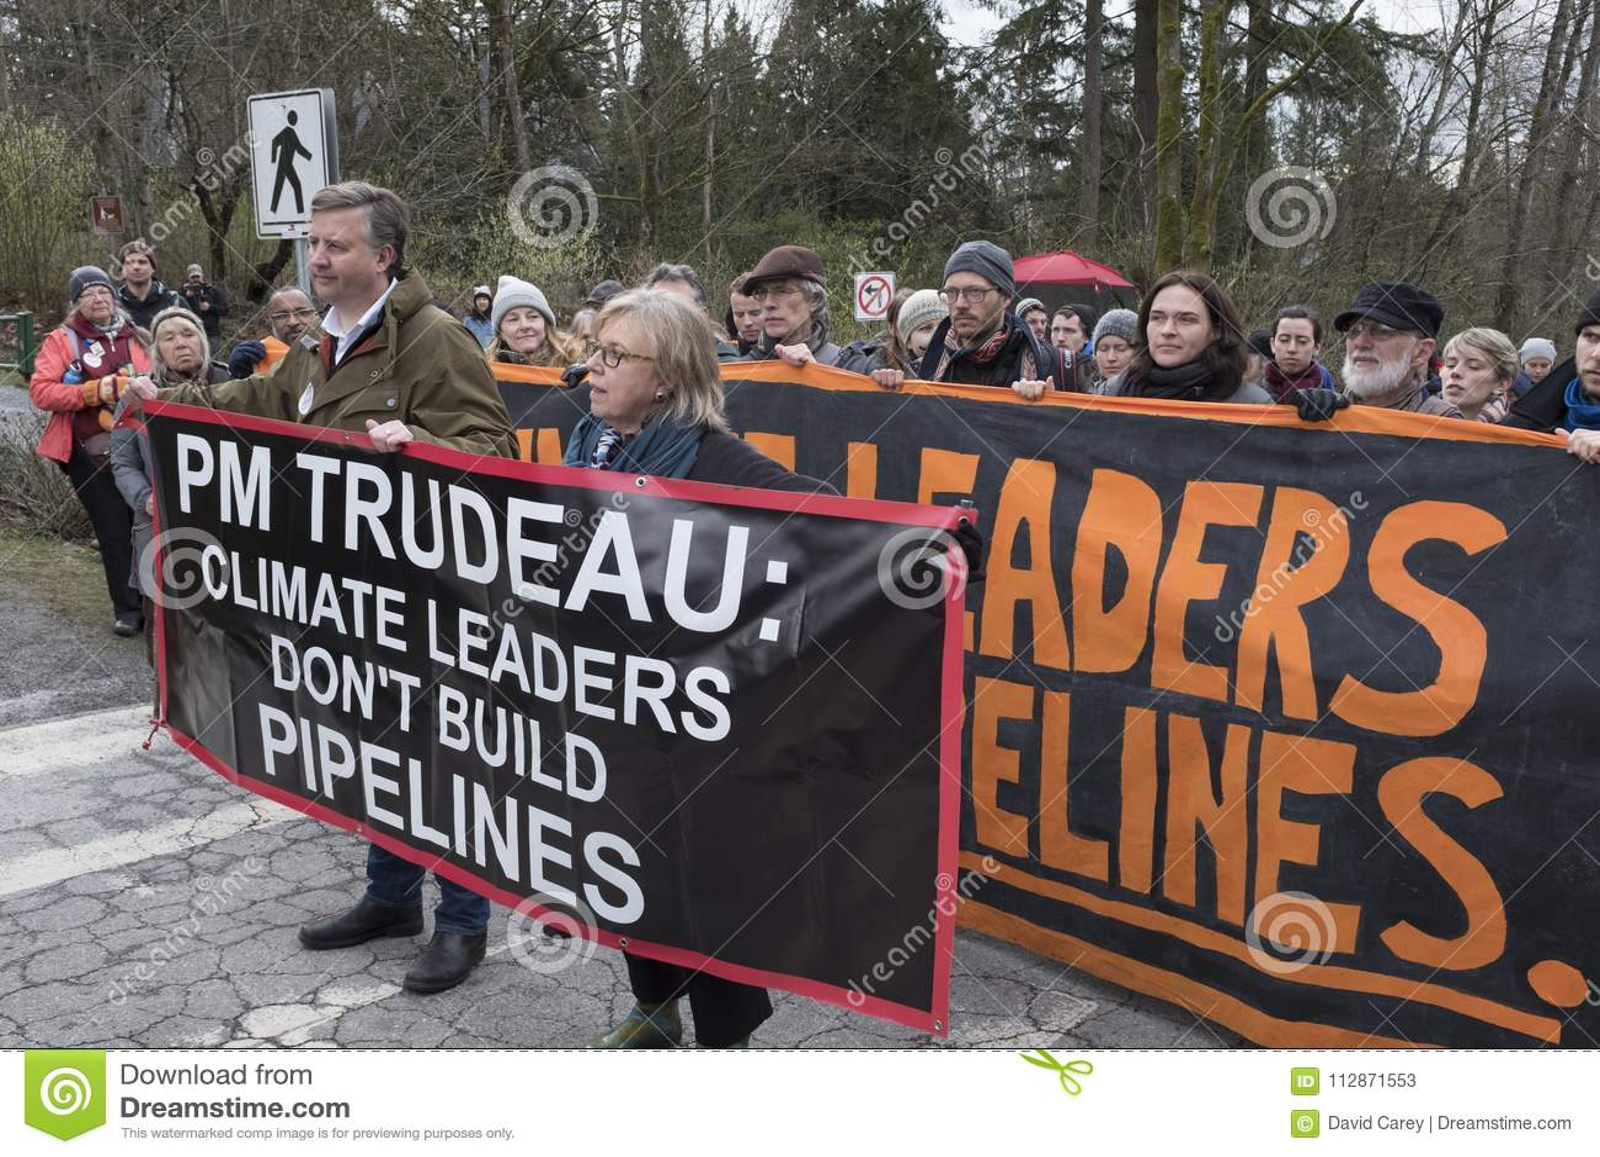 Elizabeth May e Kennedy Stewart são prendidos no local do protesto de Kinder Morgan em Burnaby, BC